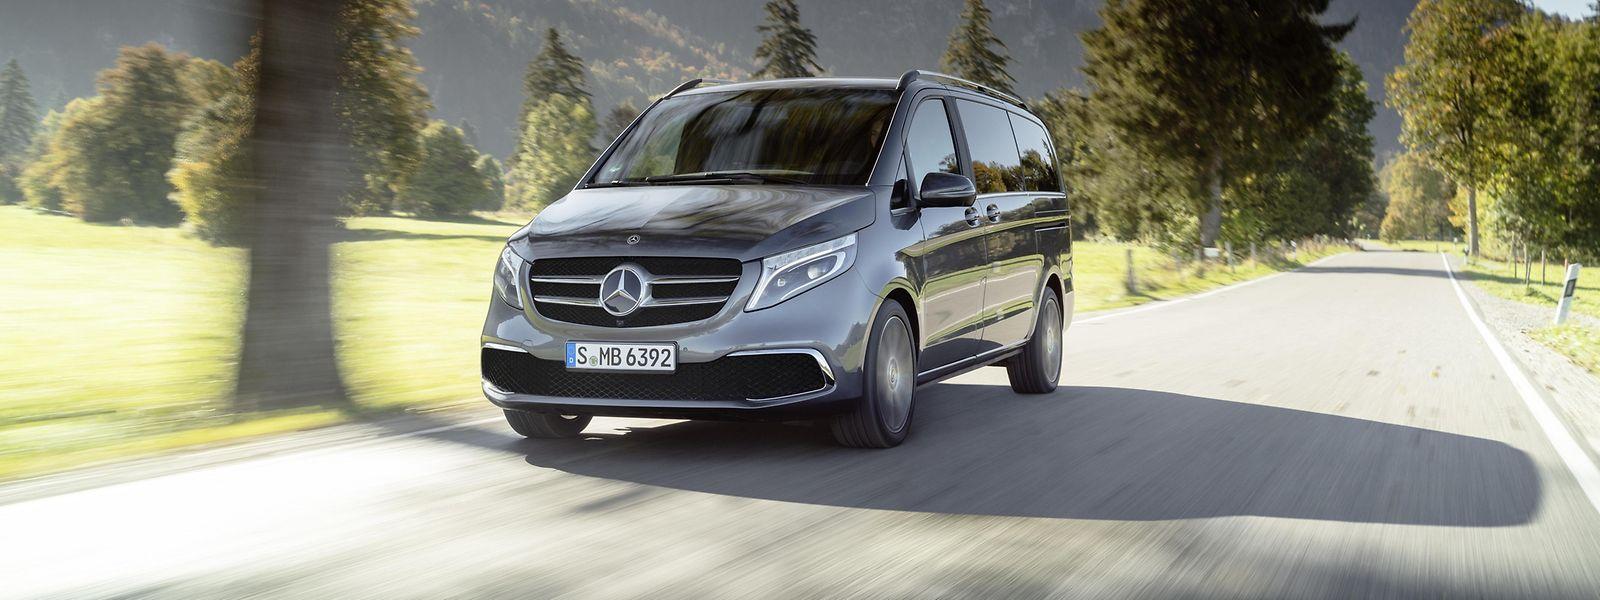 Die V-Klasse ist ein wichtiger Baustein der weltweiten Wachstumsstrategie von Mercedes-Benz.